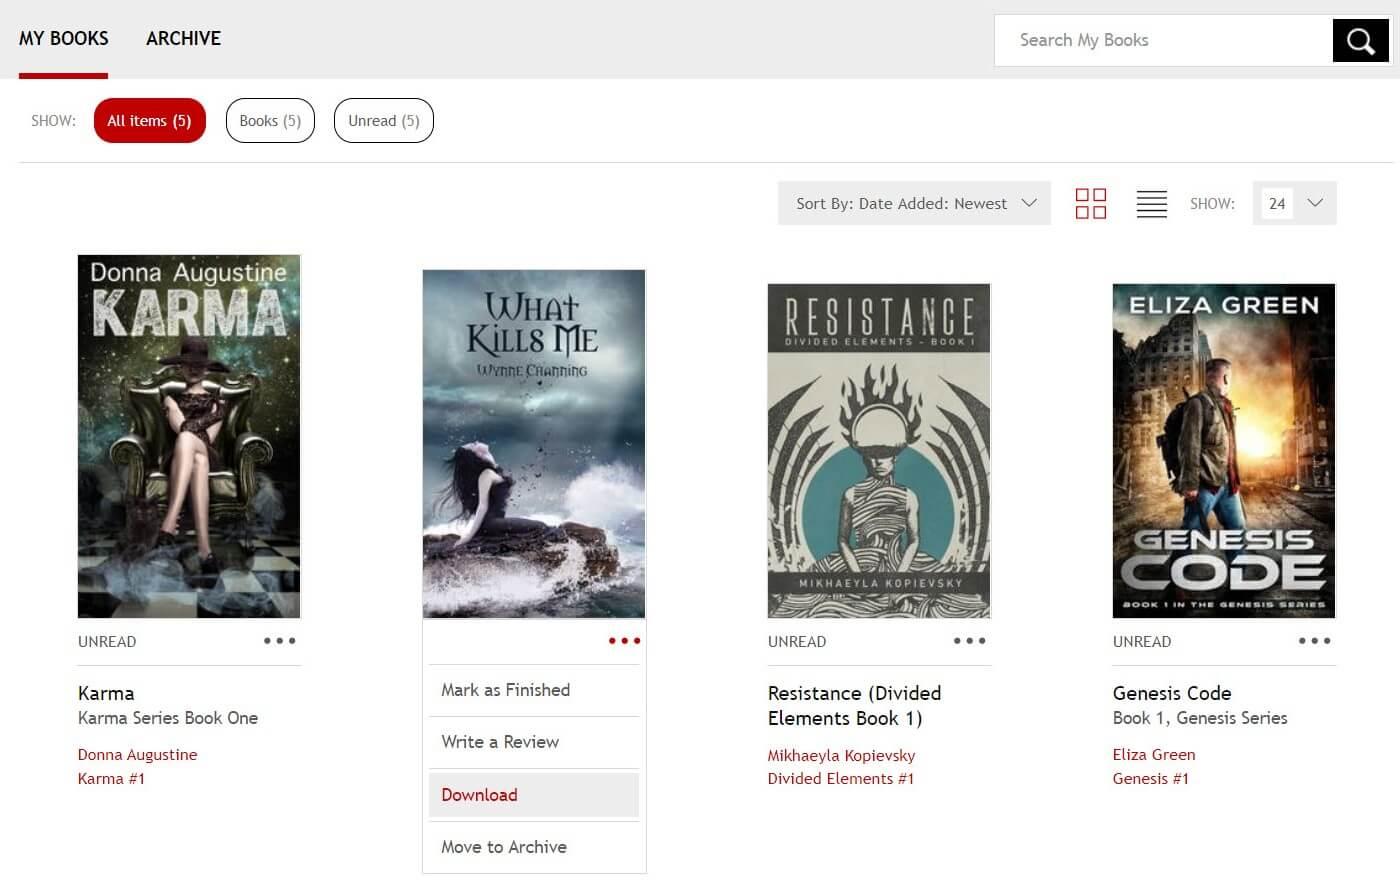 Descarga los libros de Kobo del sitio web oficial de Kobo